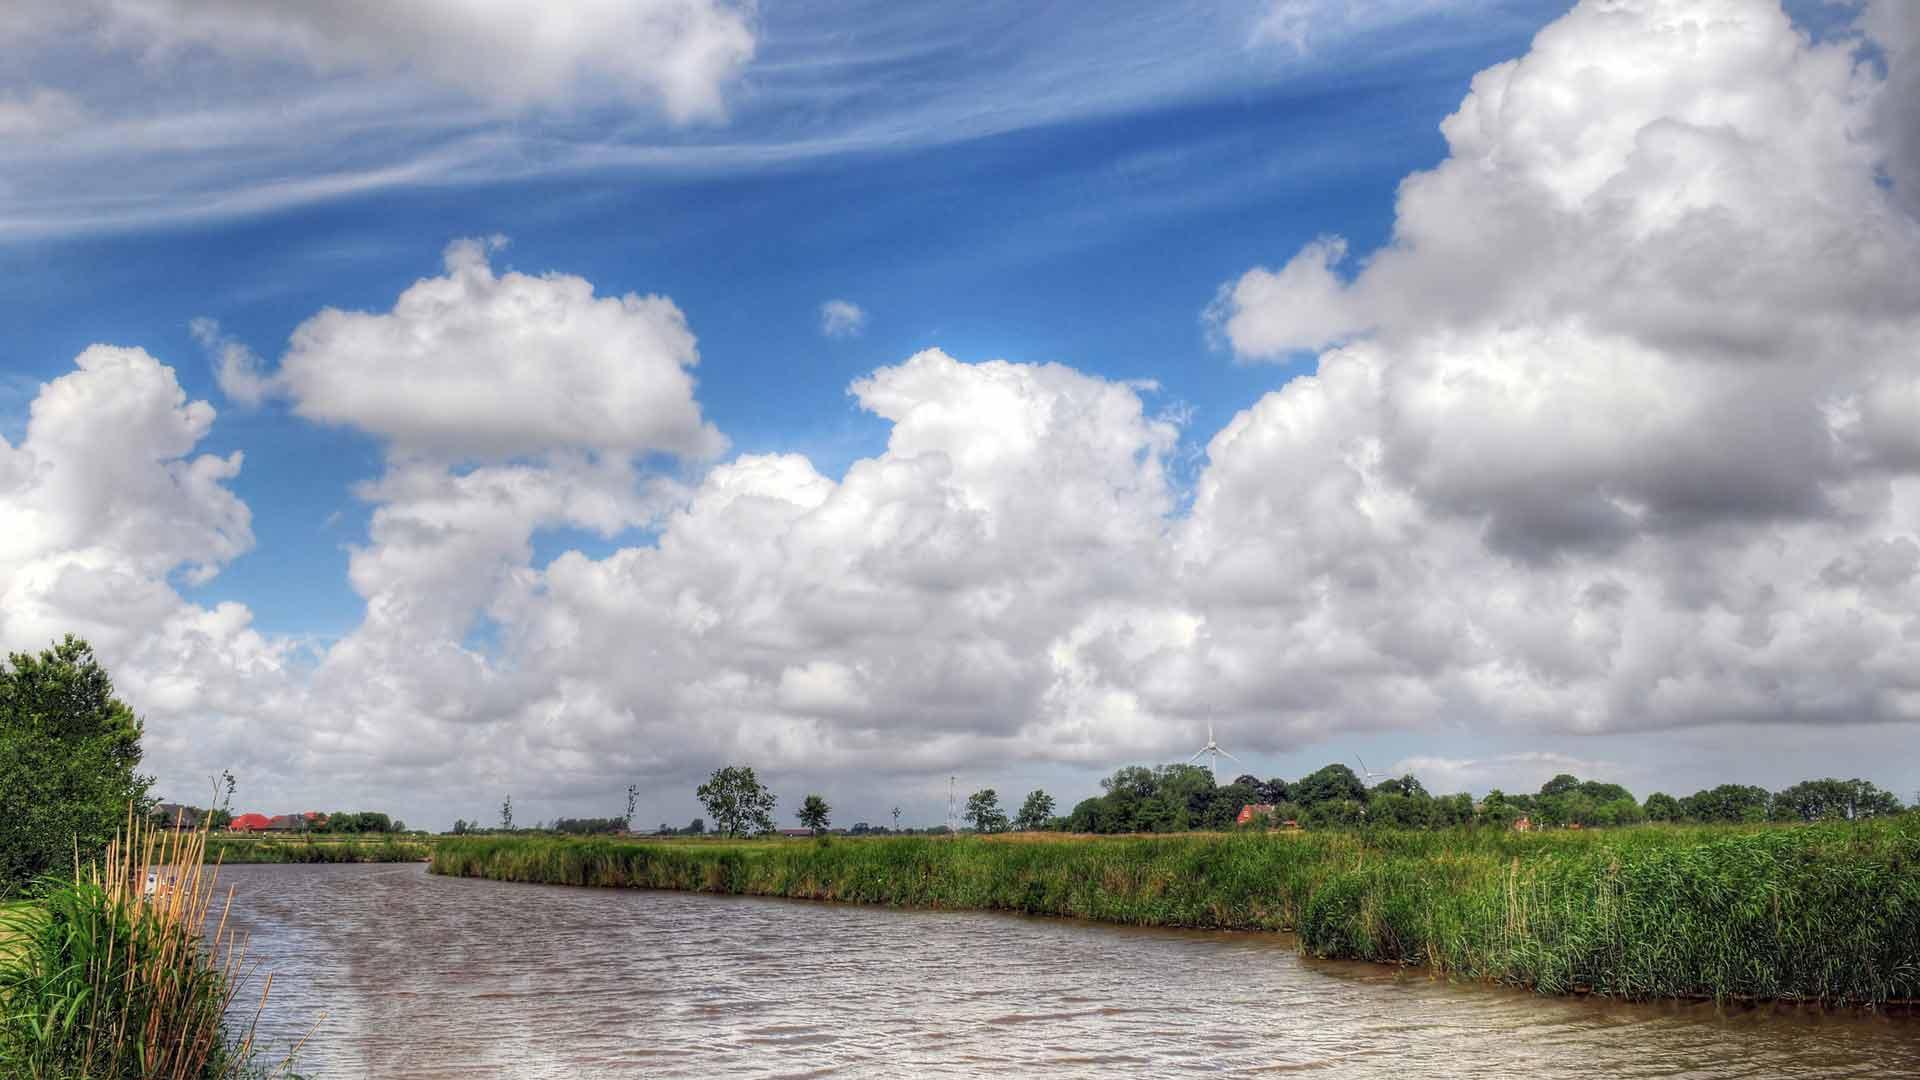 Het weidse landschap van Ostfriesland. © fotographer - fotolia.com